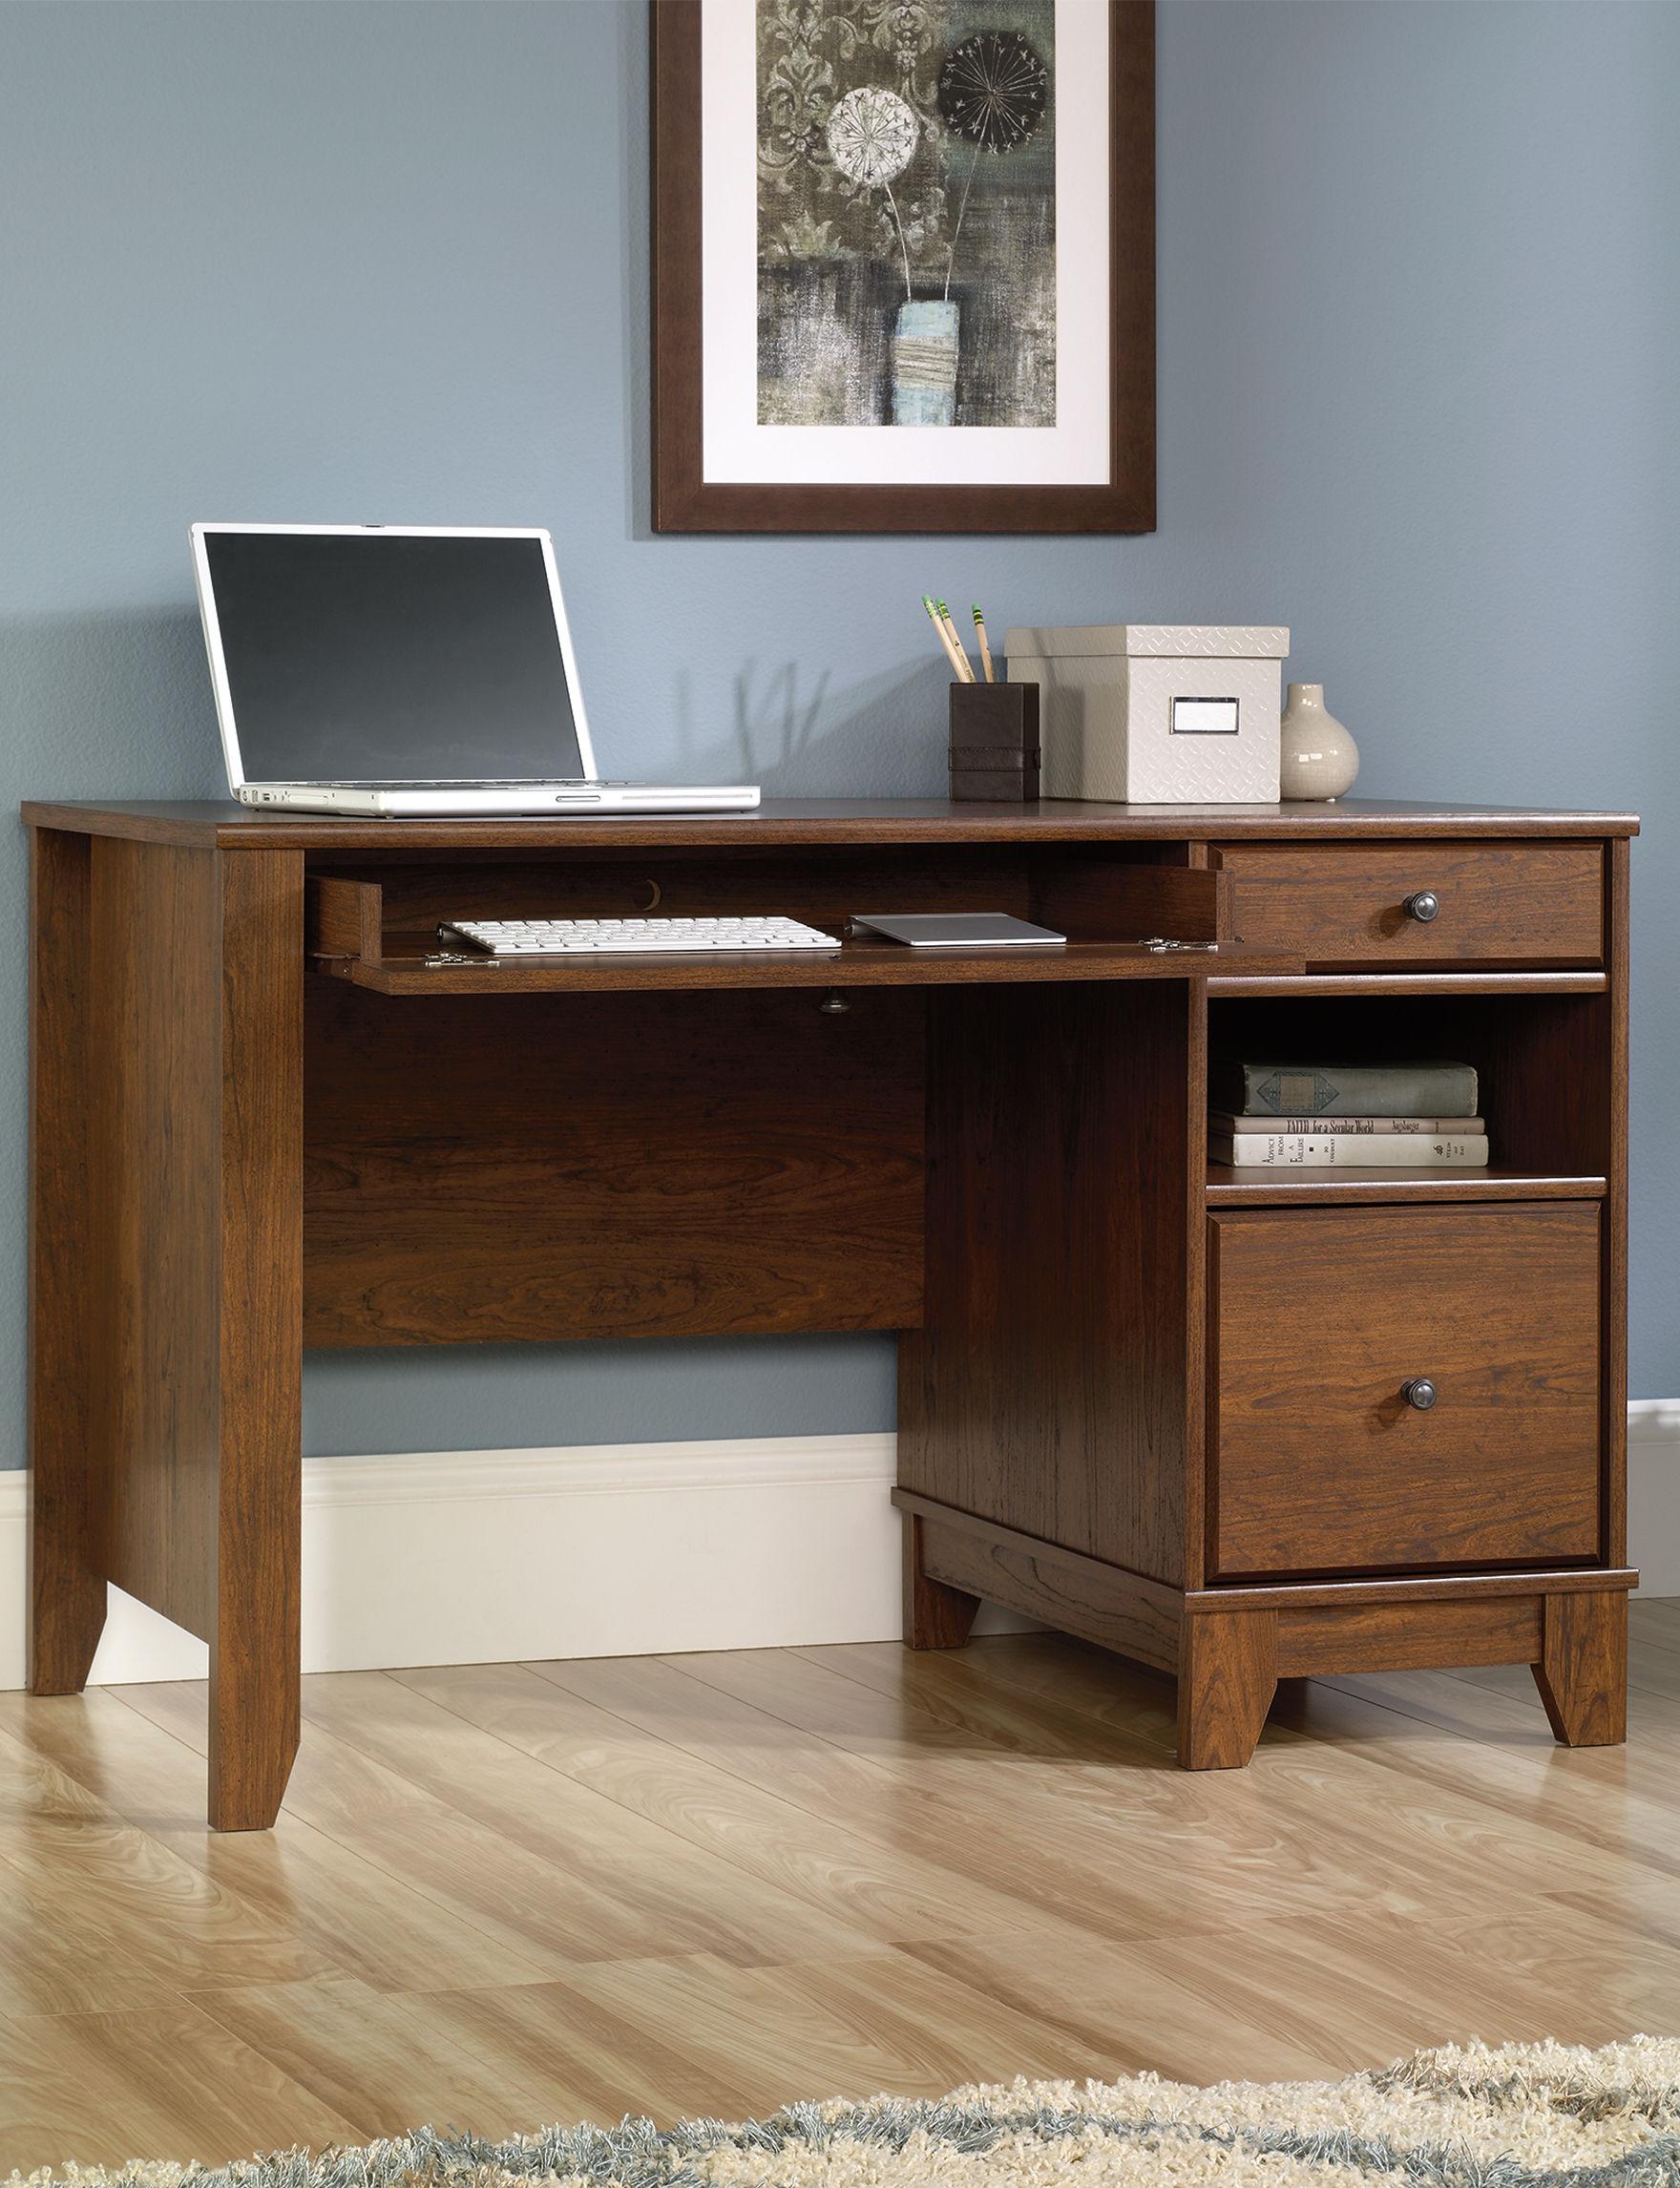 Sauder Camarin Milled Cherry puter Desk